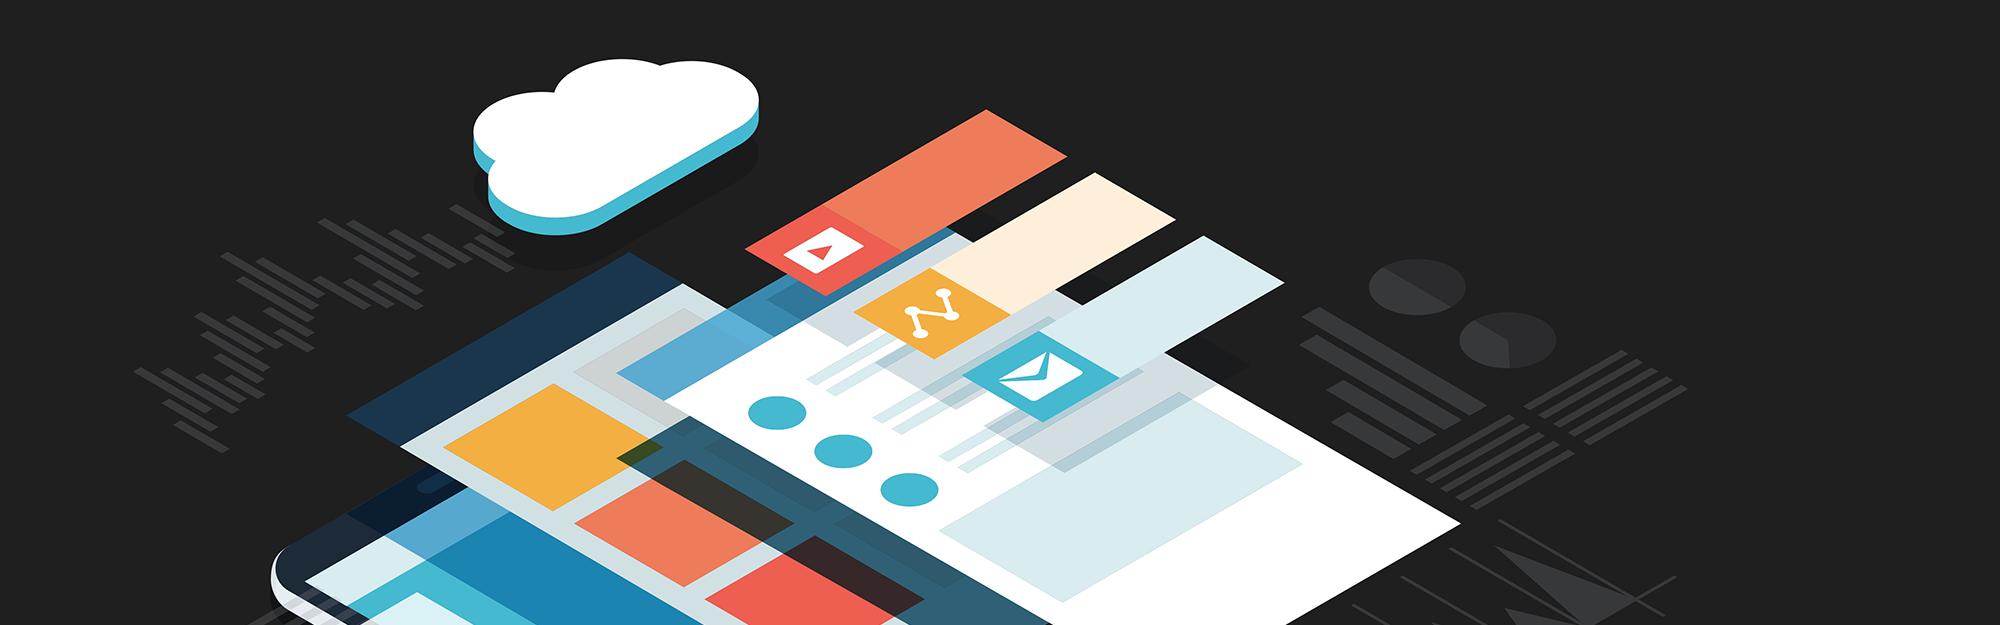 Progressive Web App (PWA): cosa sono, pro e contro e i principali esempi sul mercato